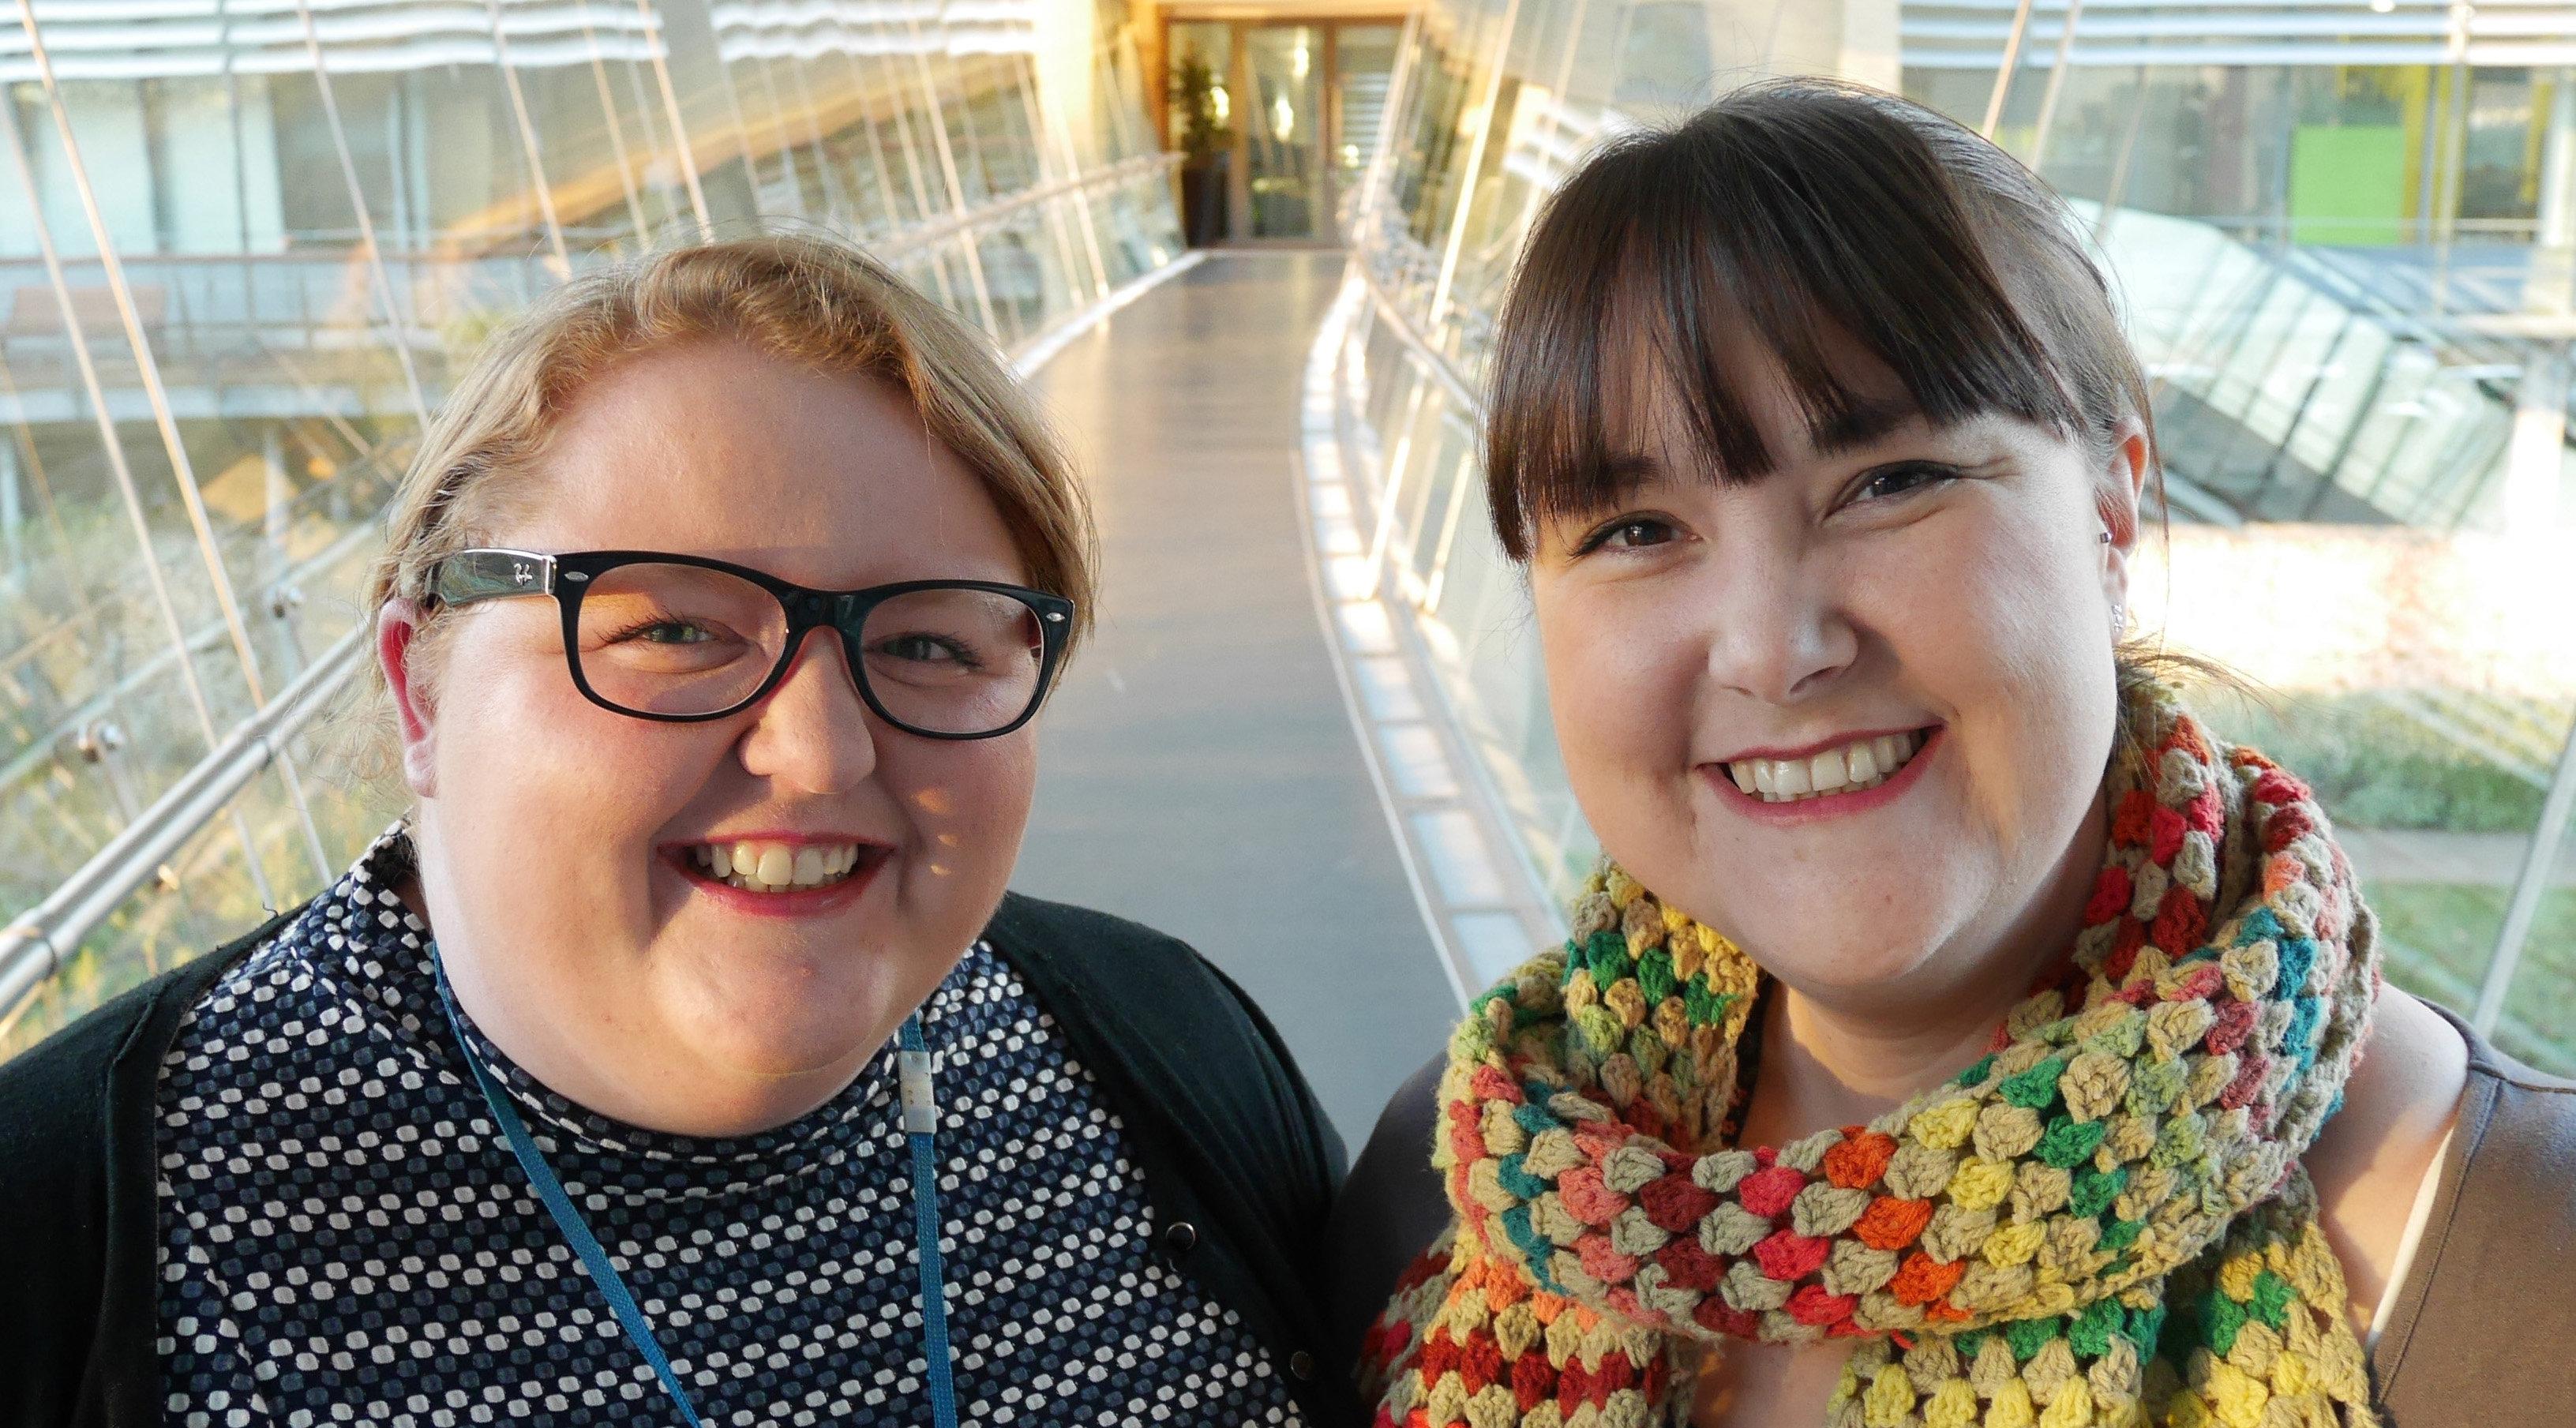 Oxford AHSN 2016 Fellows Jodie and Anna